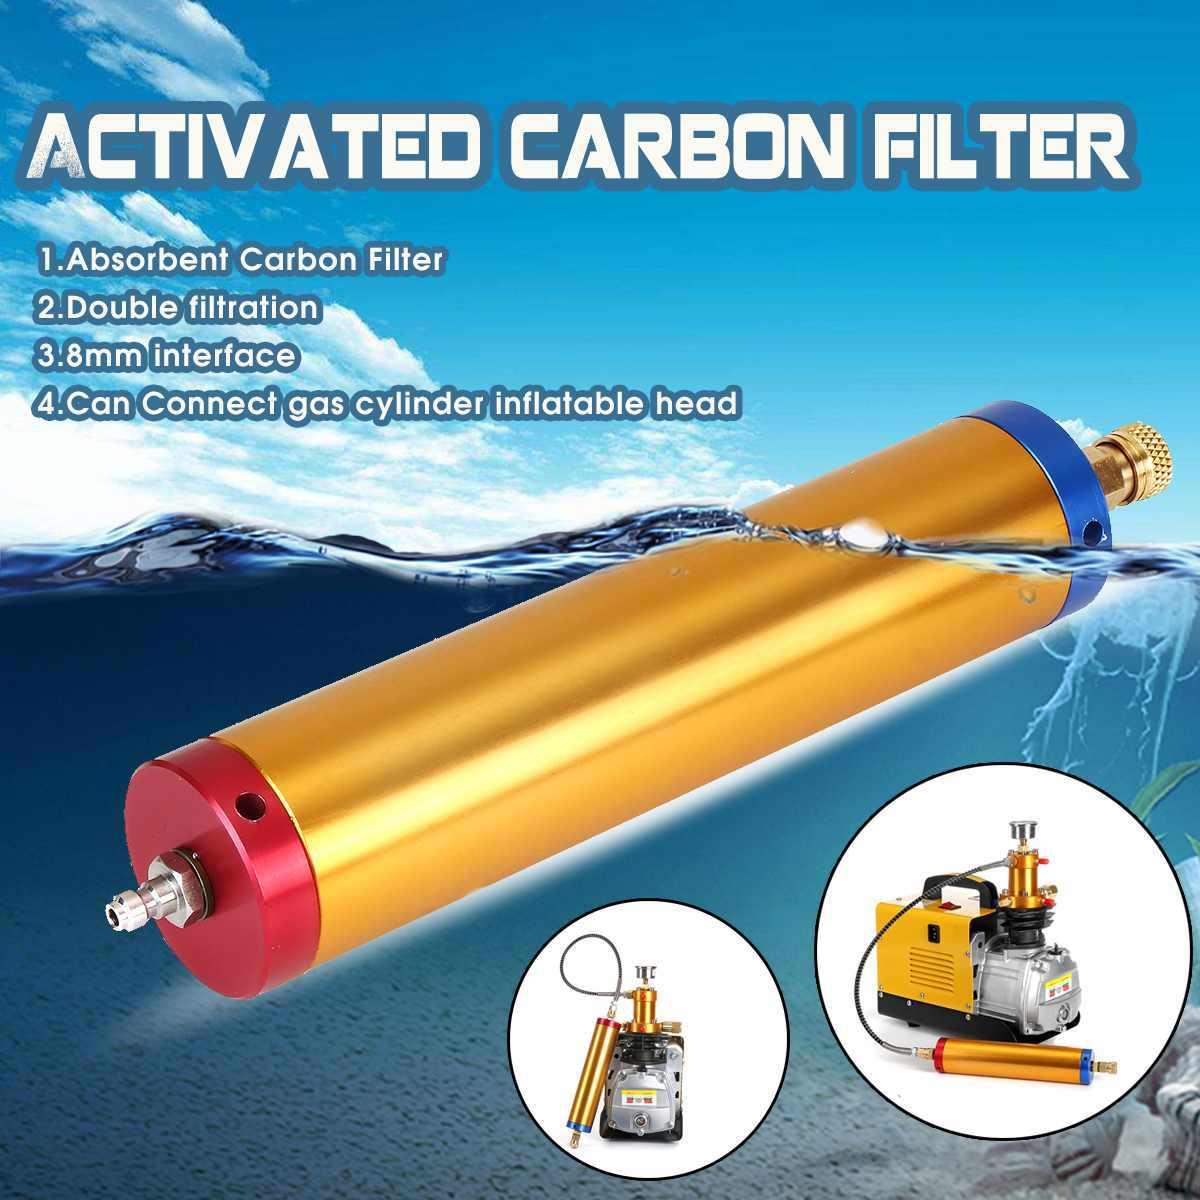 300BAR مضخة عالية الضغط فلتر ل PCP نافخة مضخة ضاغط هواء كهربائية الغوص المياه النفط فاصل فلتر الهواء